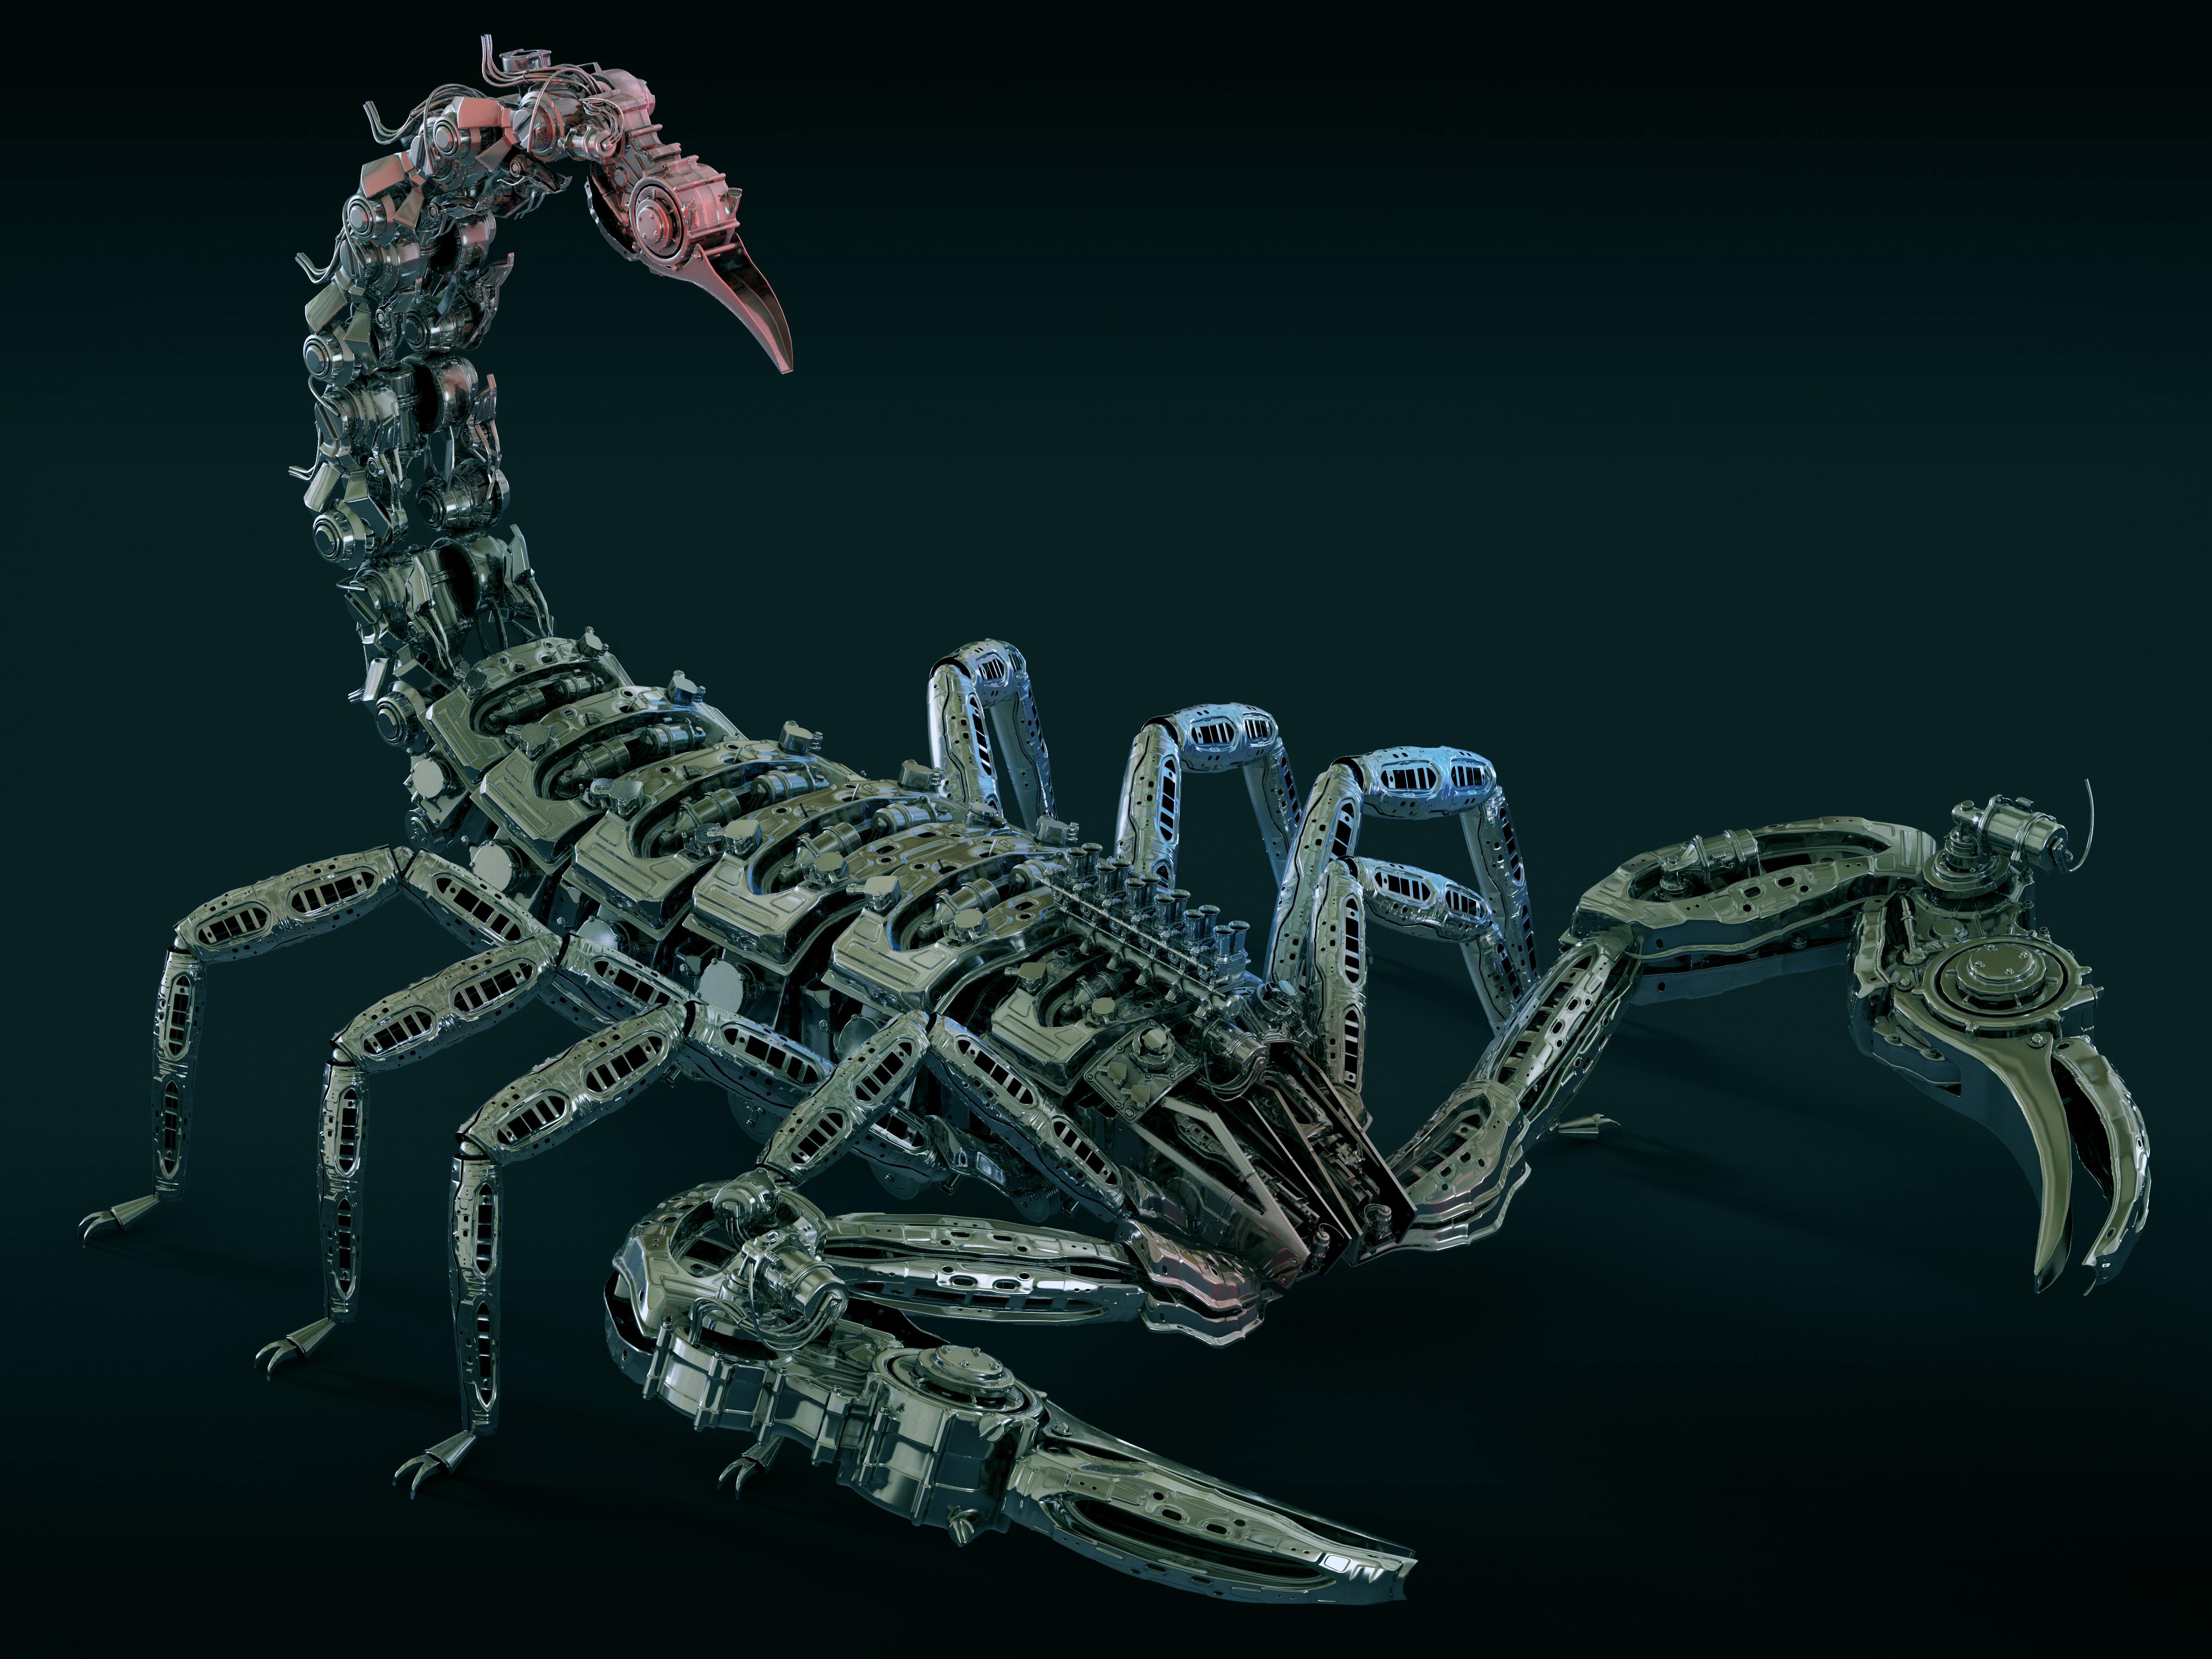 скорпион, 3д графика, робот, металлический, 4k ultra hd, 3d обои, 4800 на 3600 пикселей